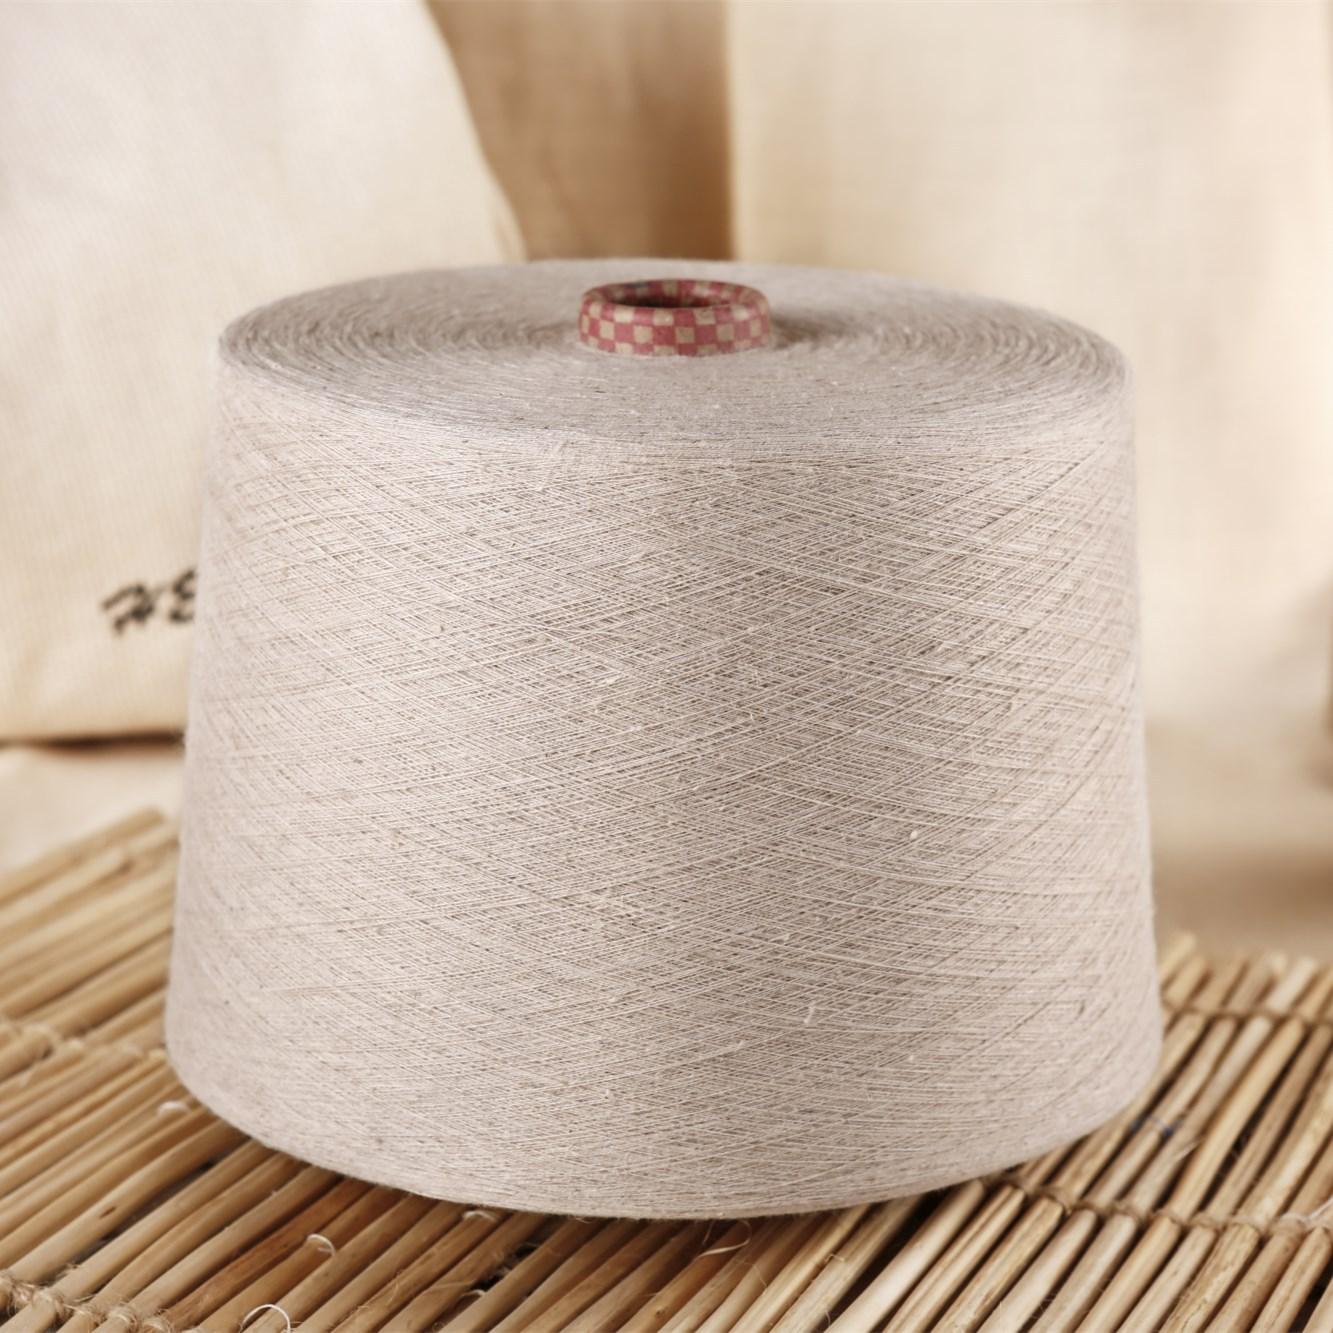 LVZHOU Sợi gai Các nhà sản xuất cung cấp vải lanh và sợi bông pha sợi kéo sợi chải kỹ và sợi bông ph